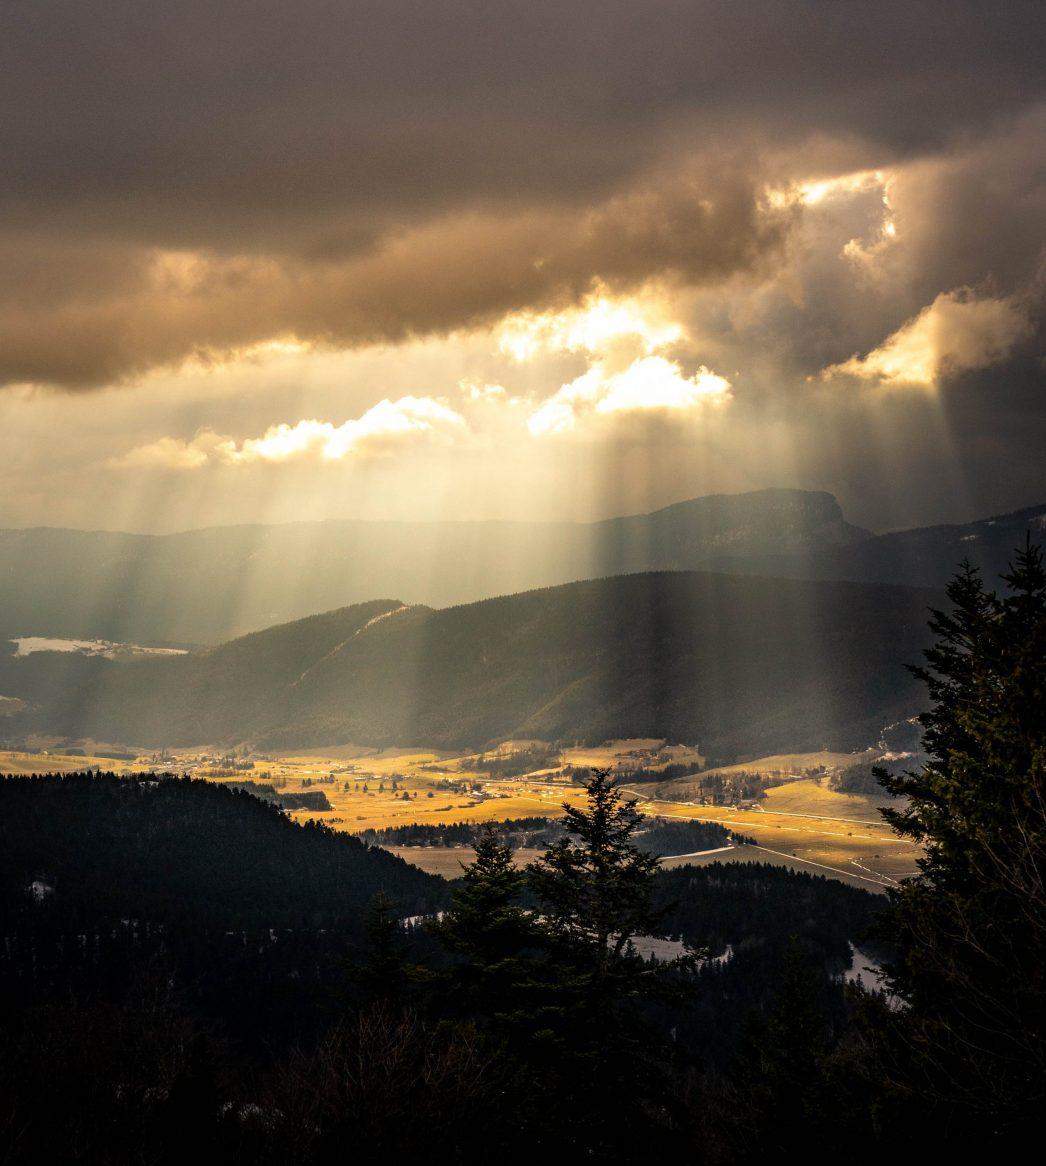 La météo est vraiment changeante en montagne, même quand il doit faire super beau